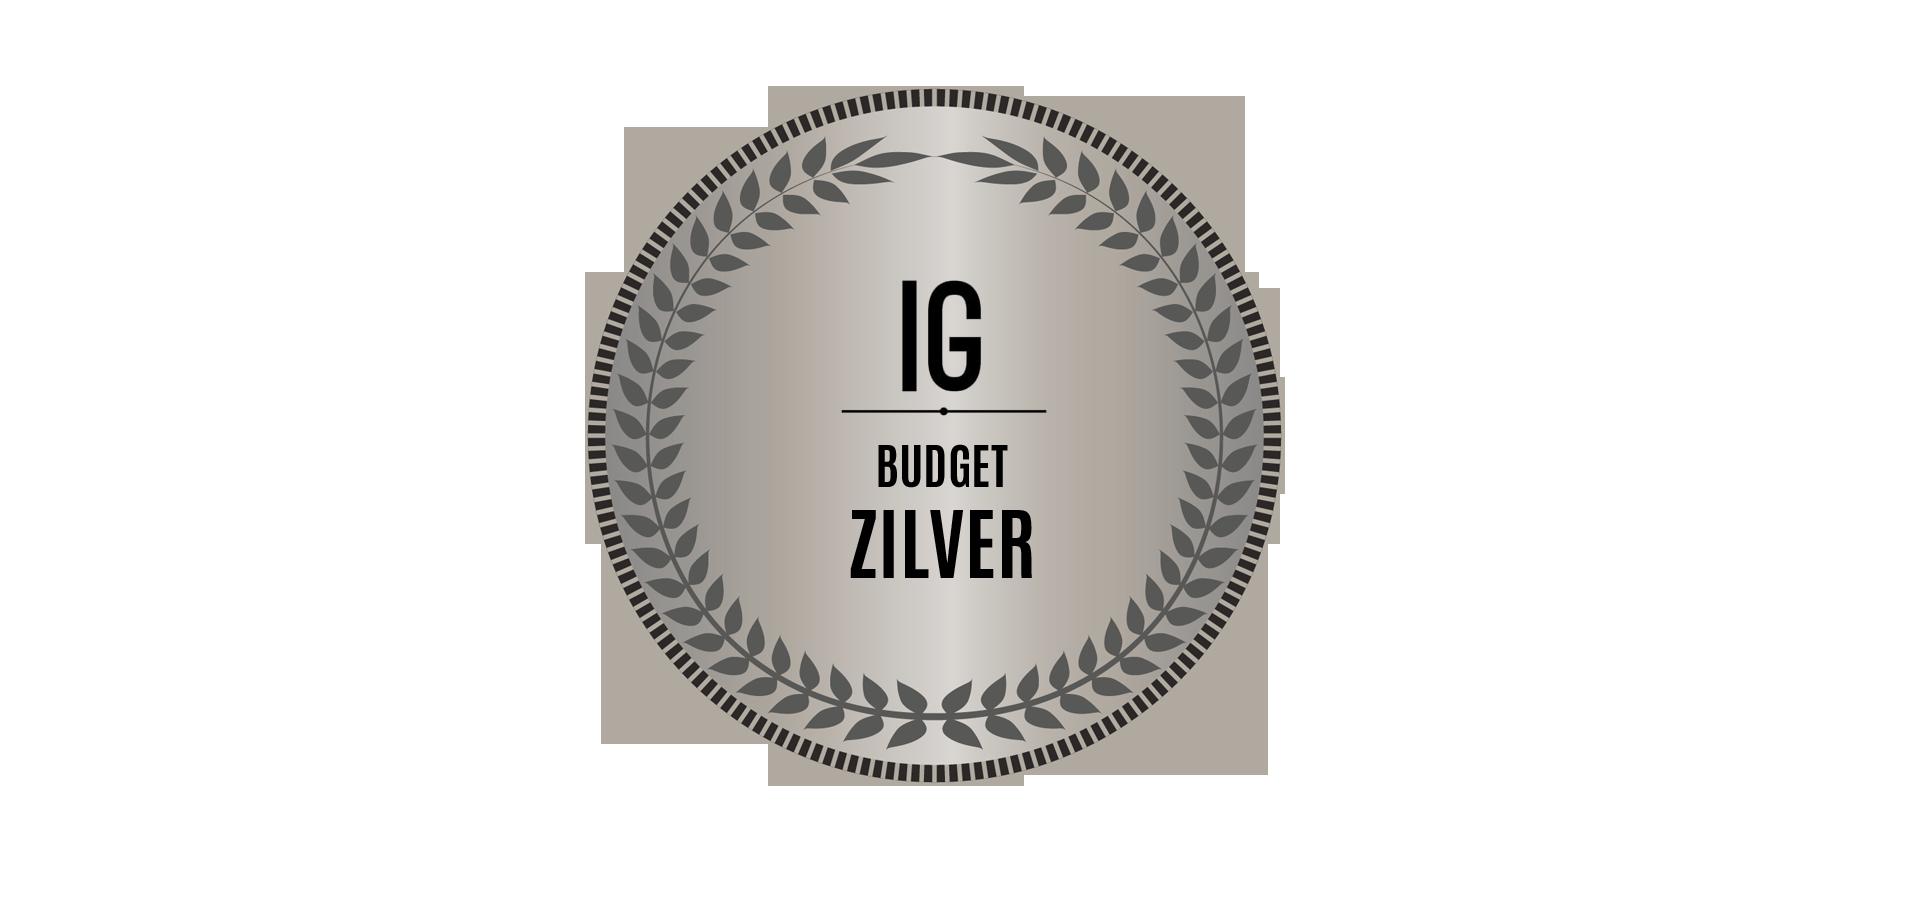 ig-budget-zilver-v2